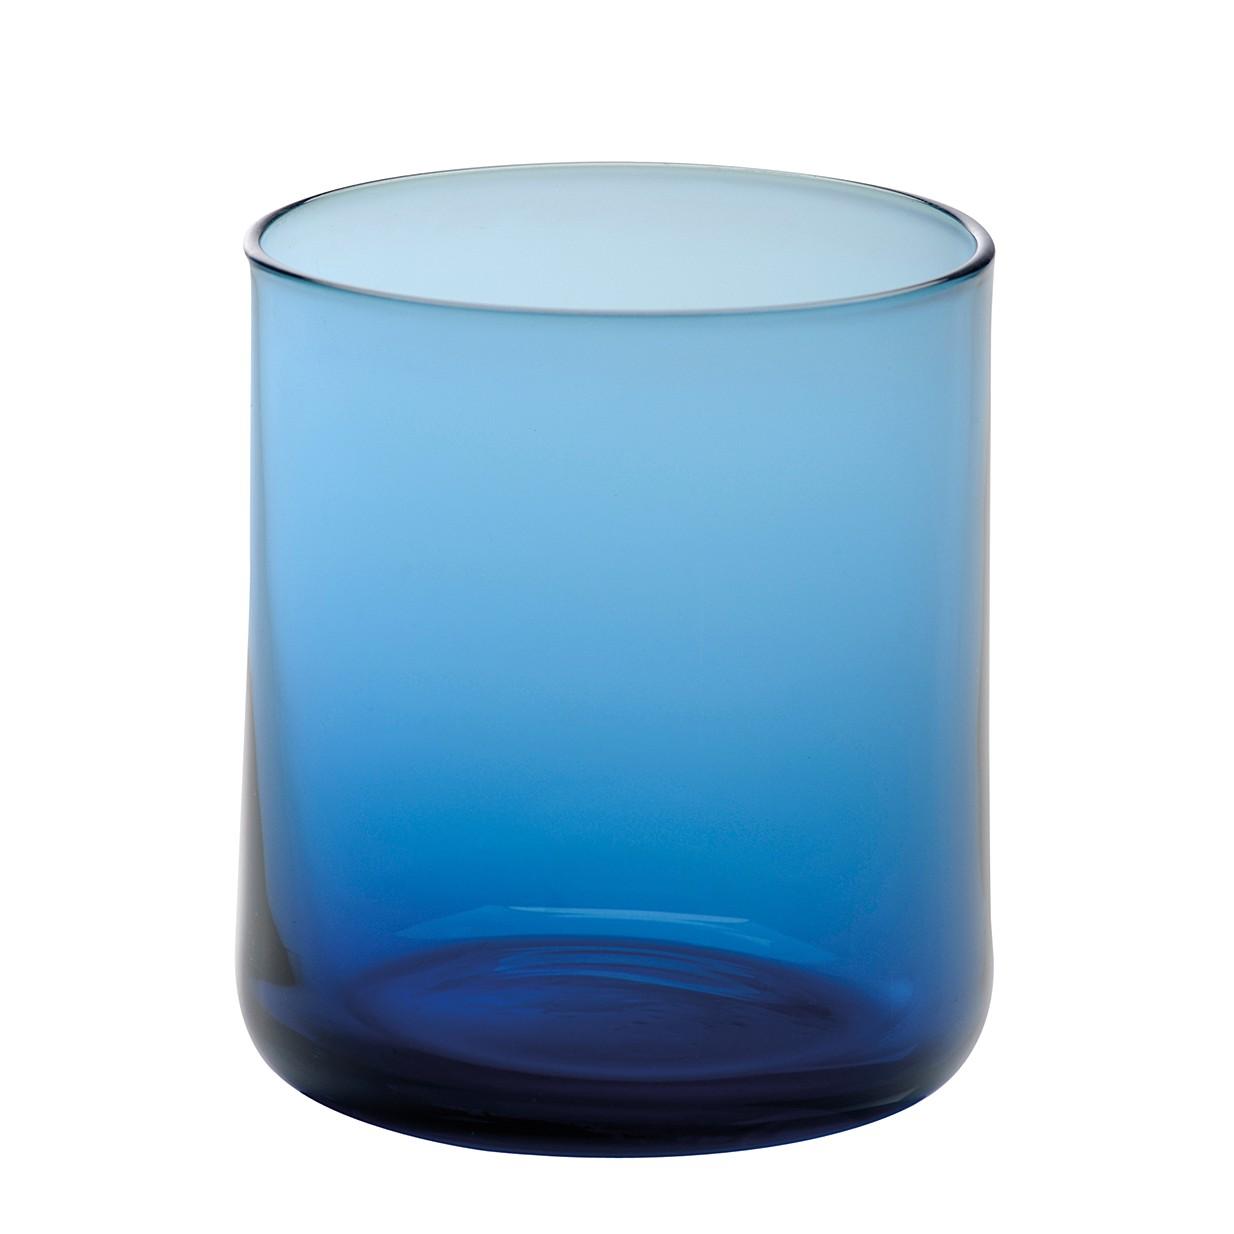 Trinkglas Bloom (6er-Set) – Glas – Braun, BITOSSI HOME online kaufen